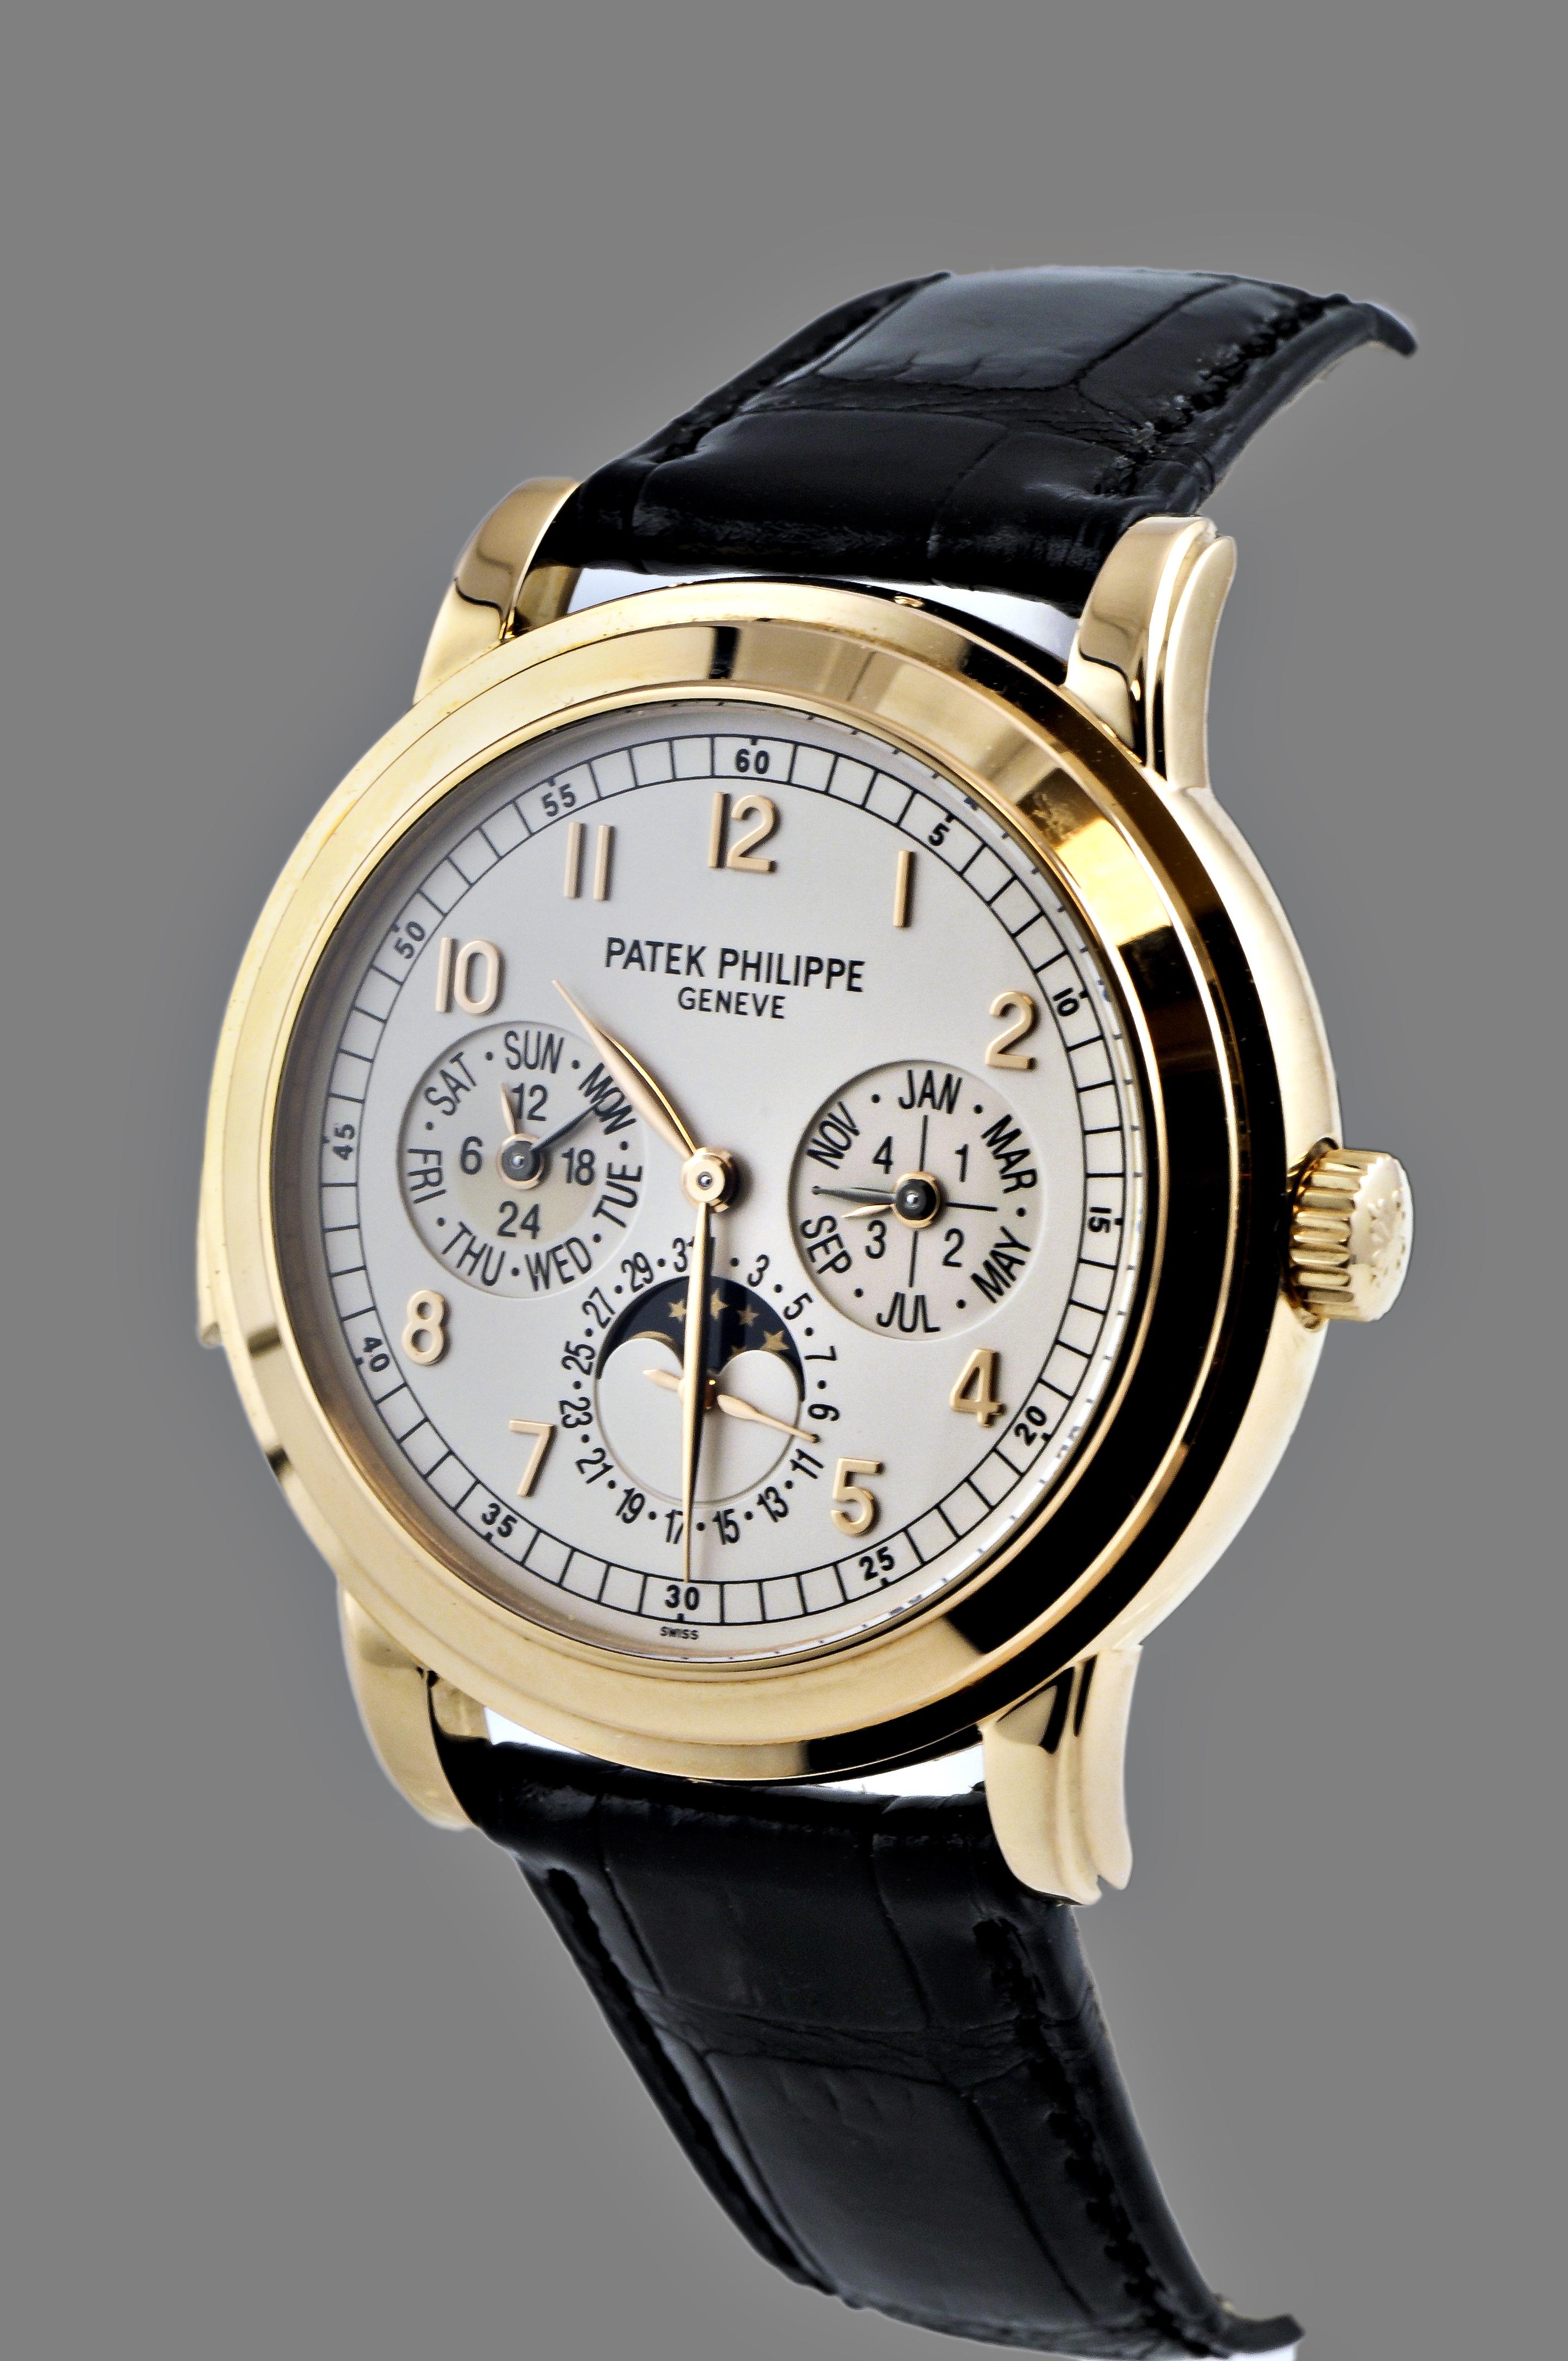 Patek Philippe 5074 R